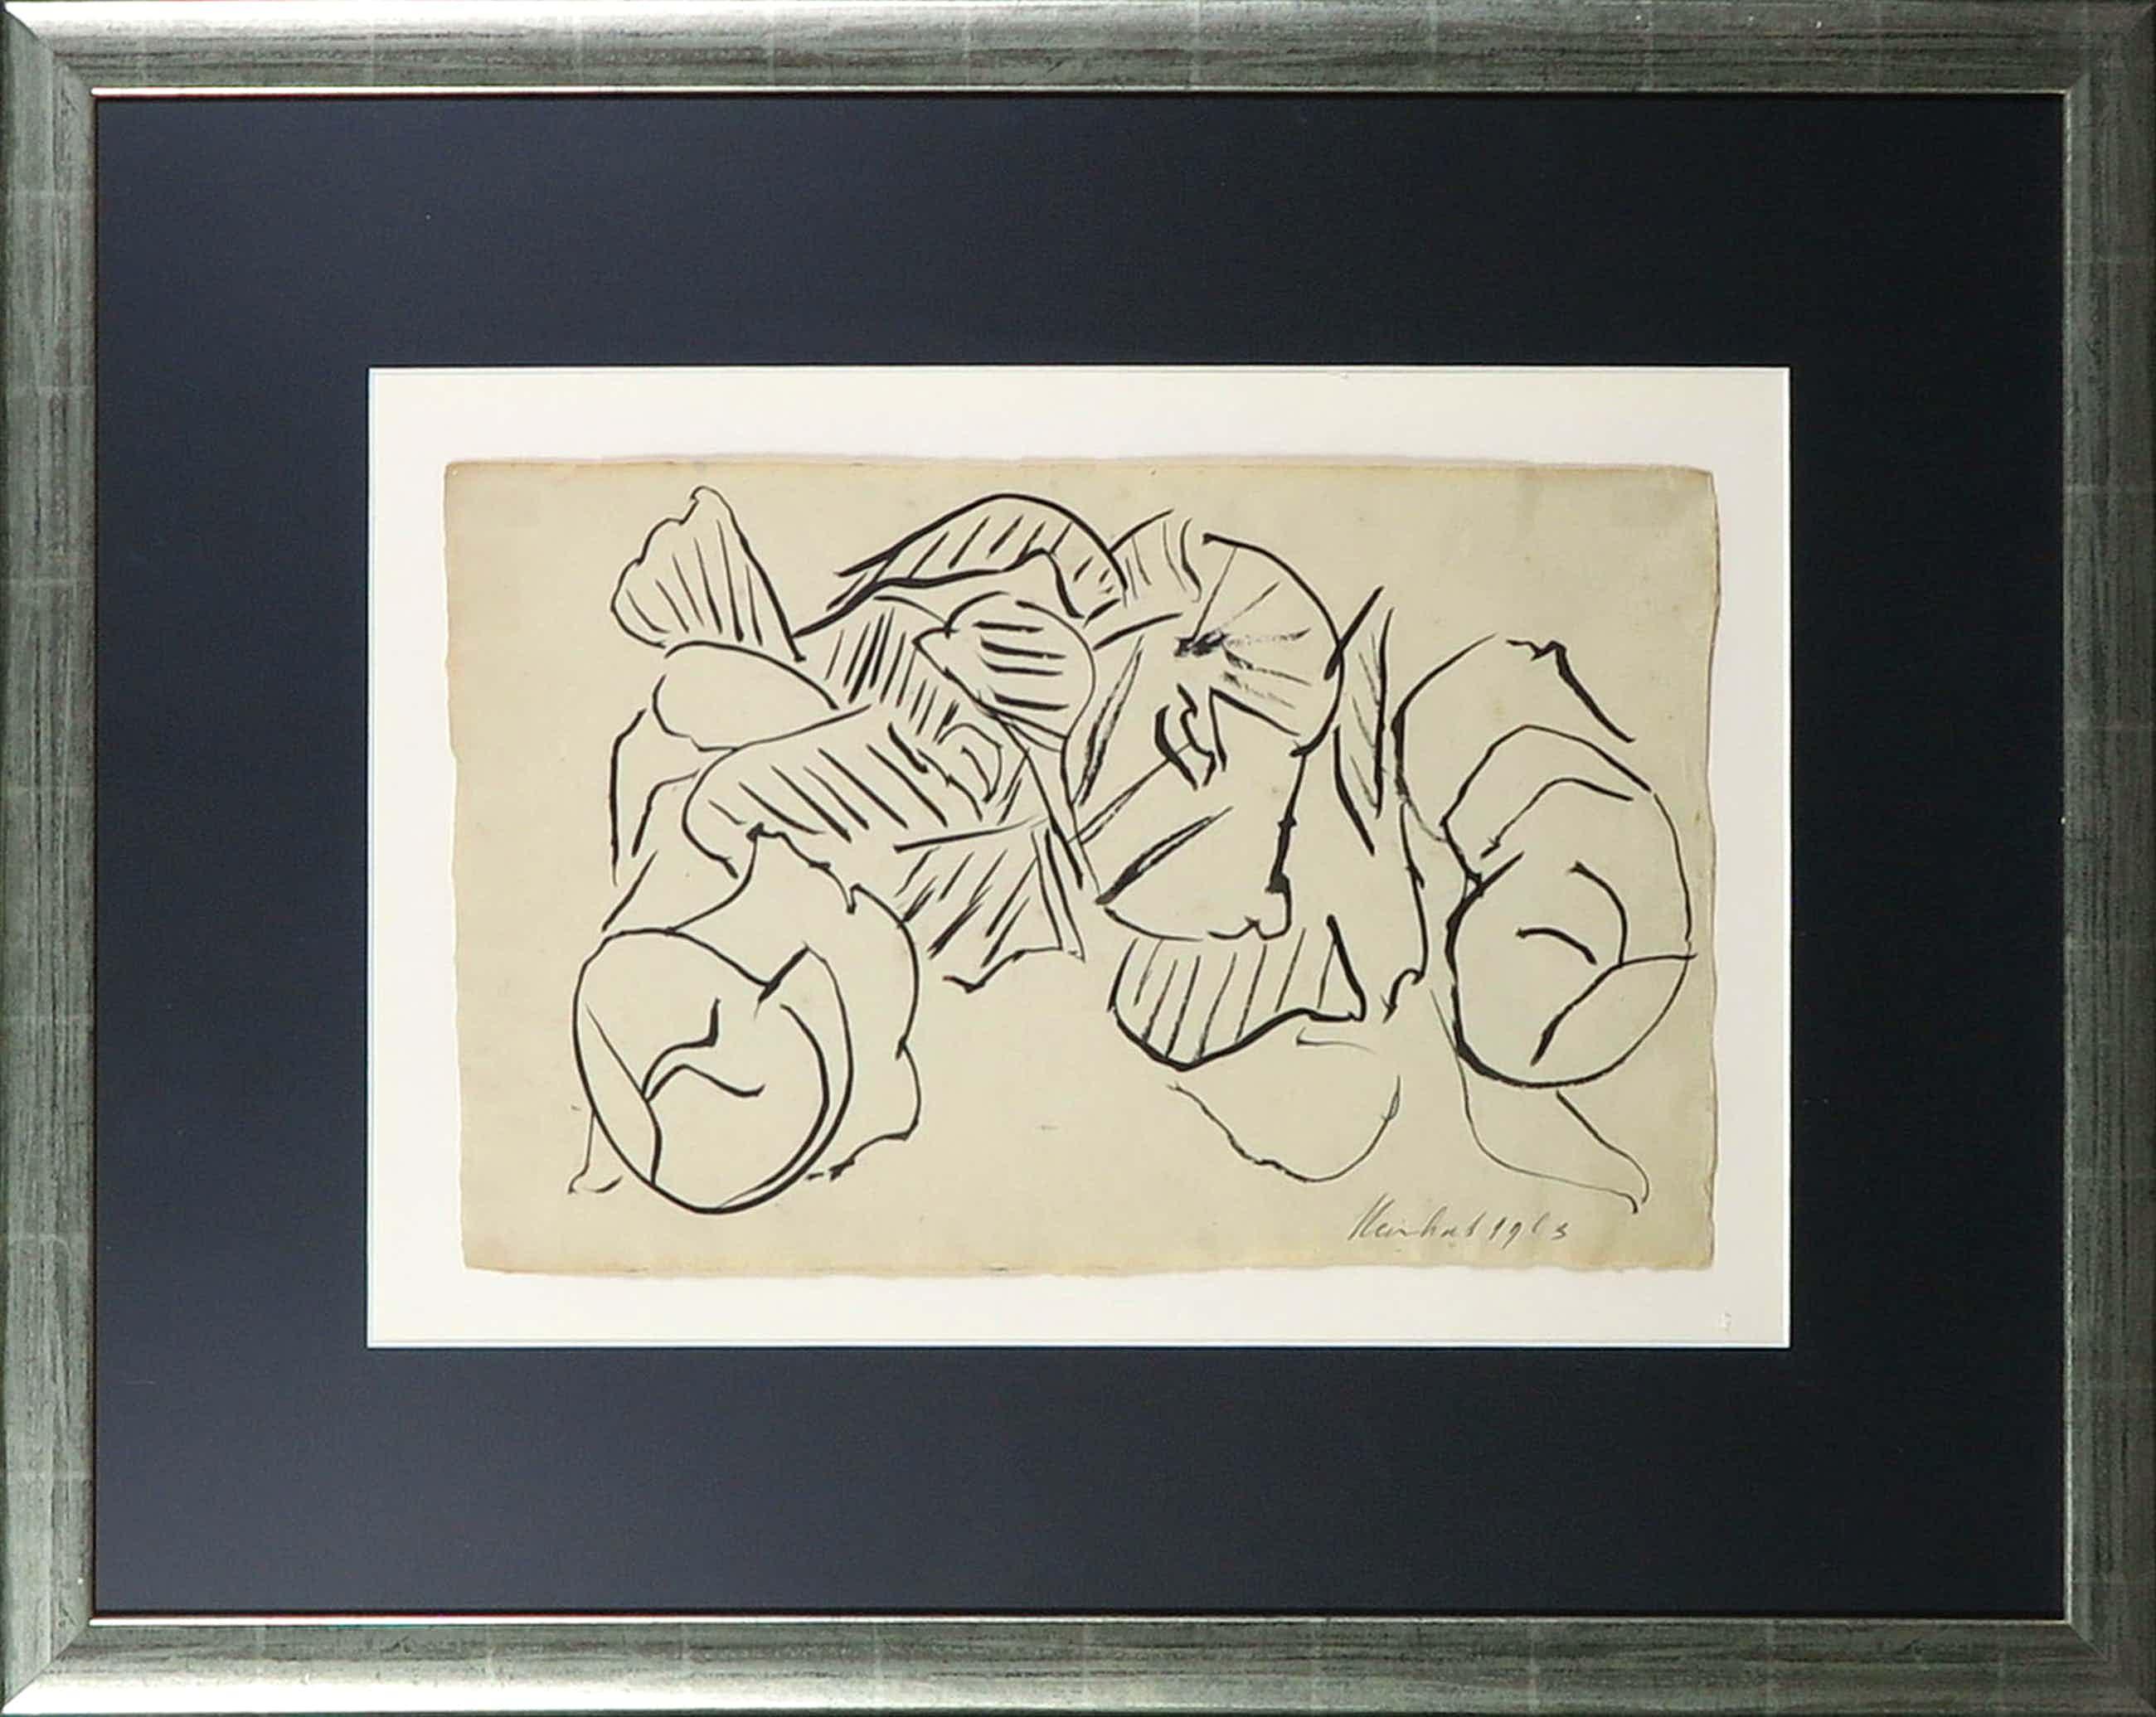 Reinhoud D'Haese - Inkttekening, Abstracte compositie - Ingelijst kopen? Bied vanaf 73!